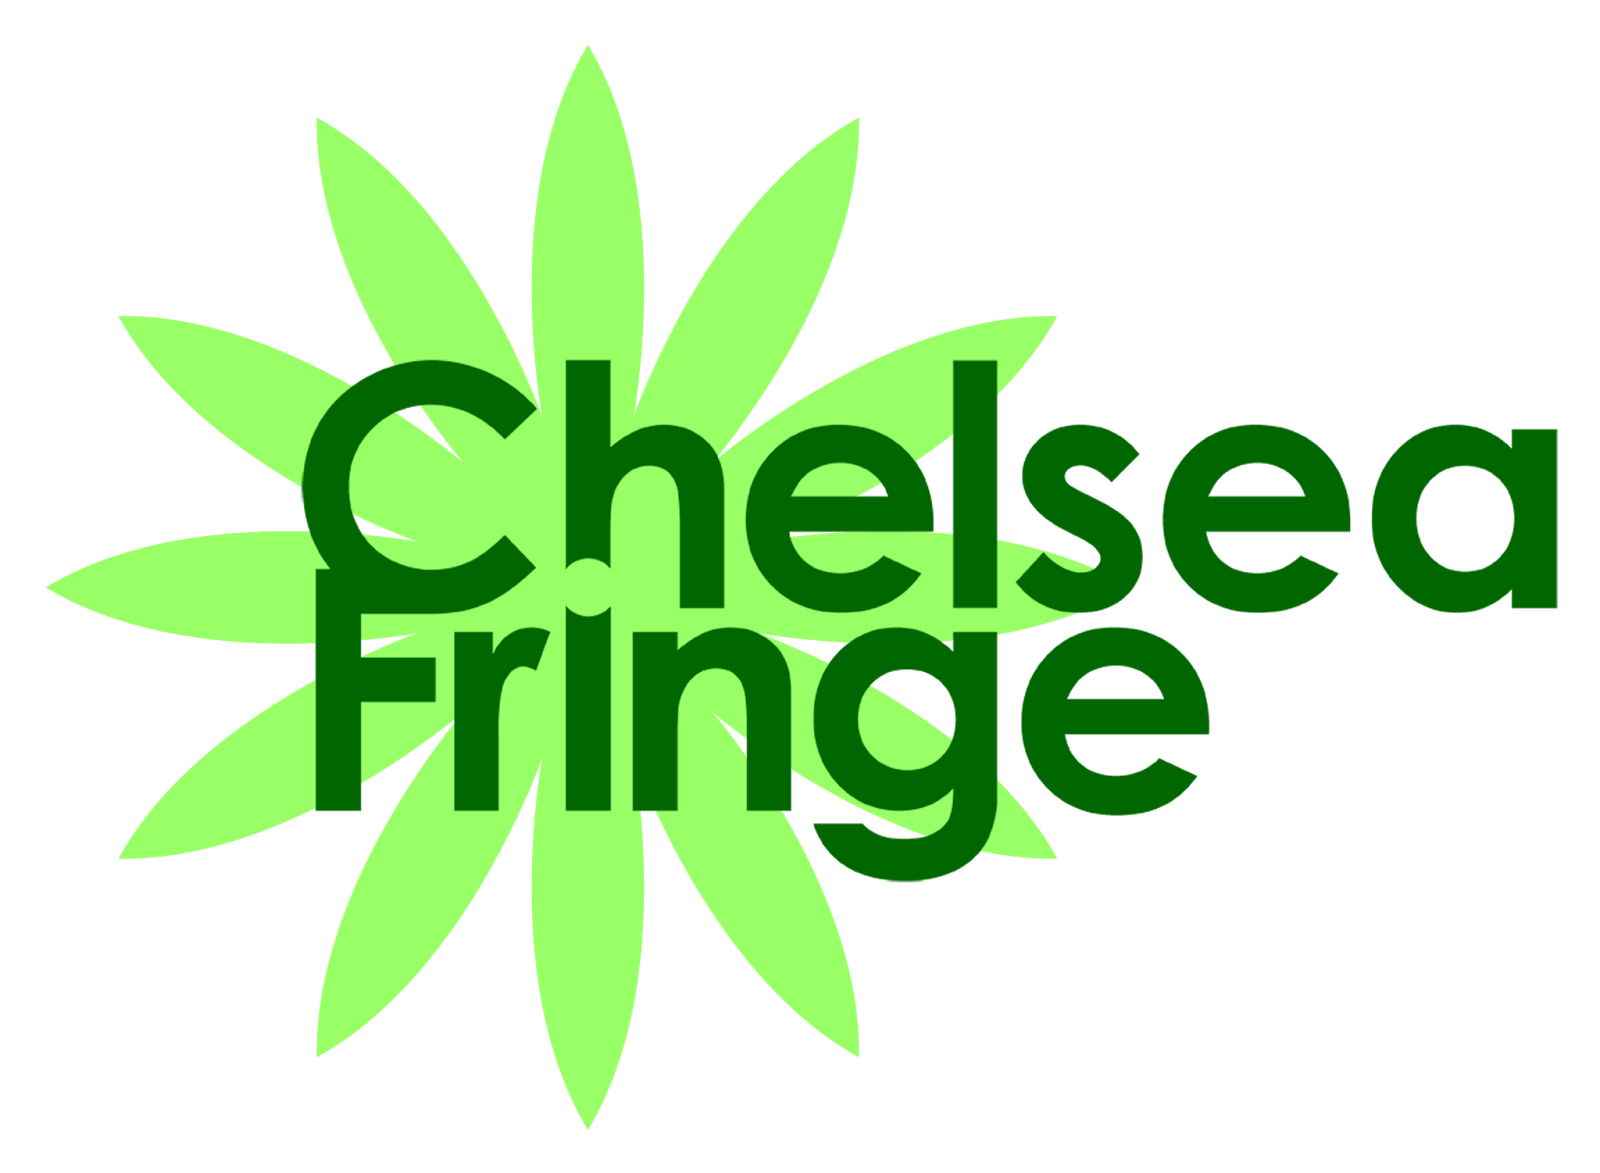 ChelseaFringeLogo